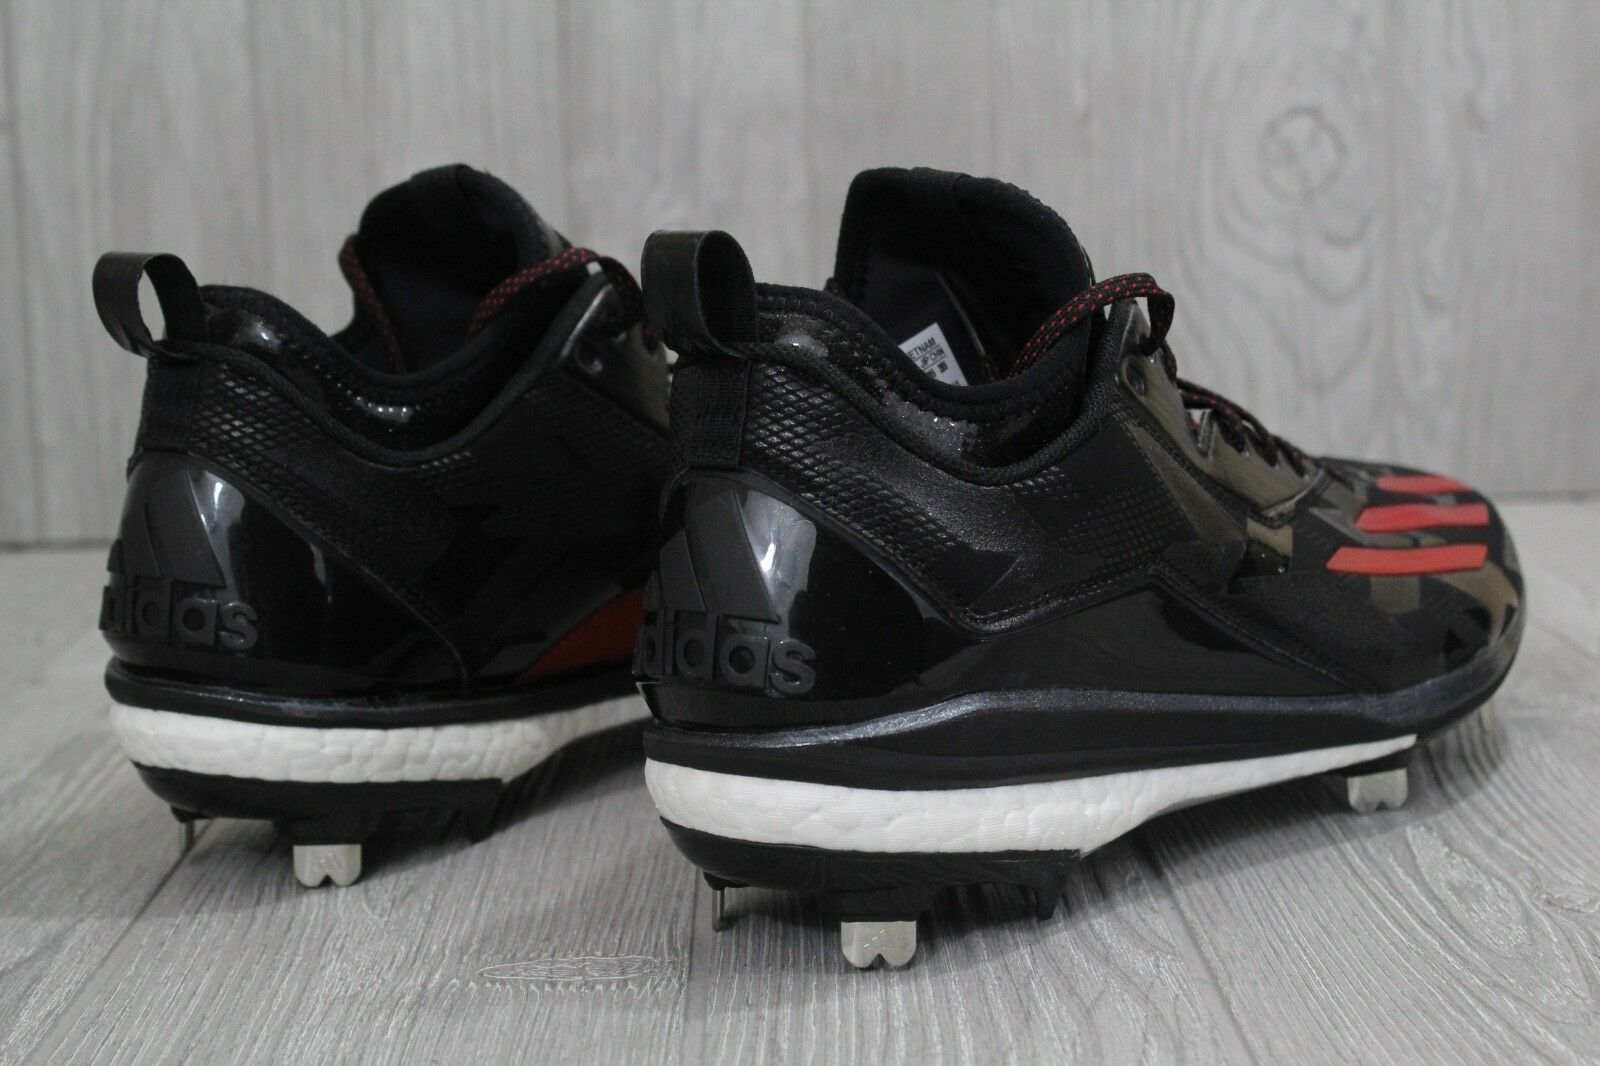 28 neue männer adidas symbol q16526 energieschubs symbol adidas 2.0 metall baseball - stollen größe 10,5 50e980